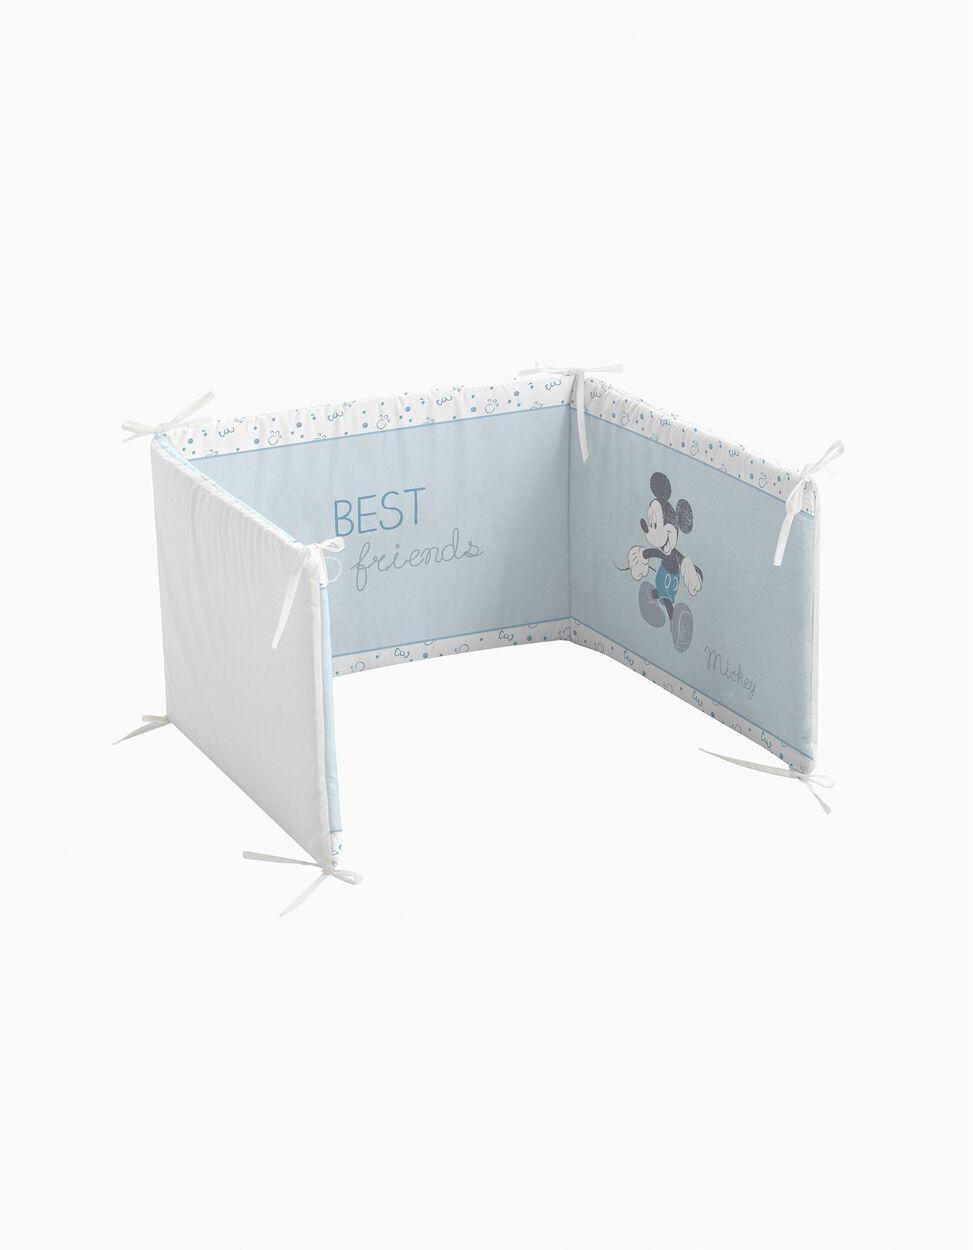 Edredão & Resguardo 120x60cm Best Friends Disney